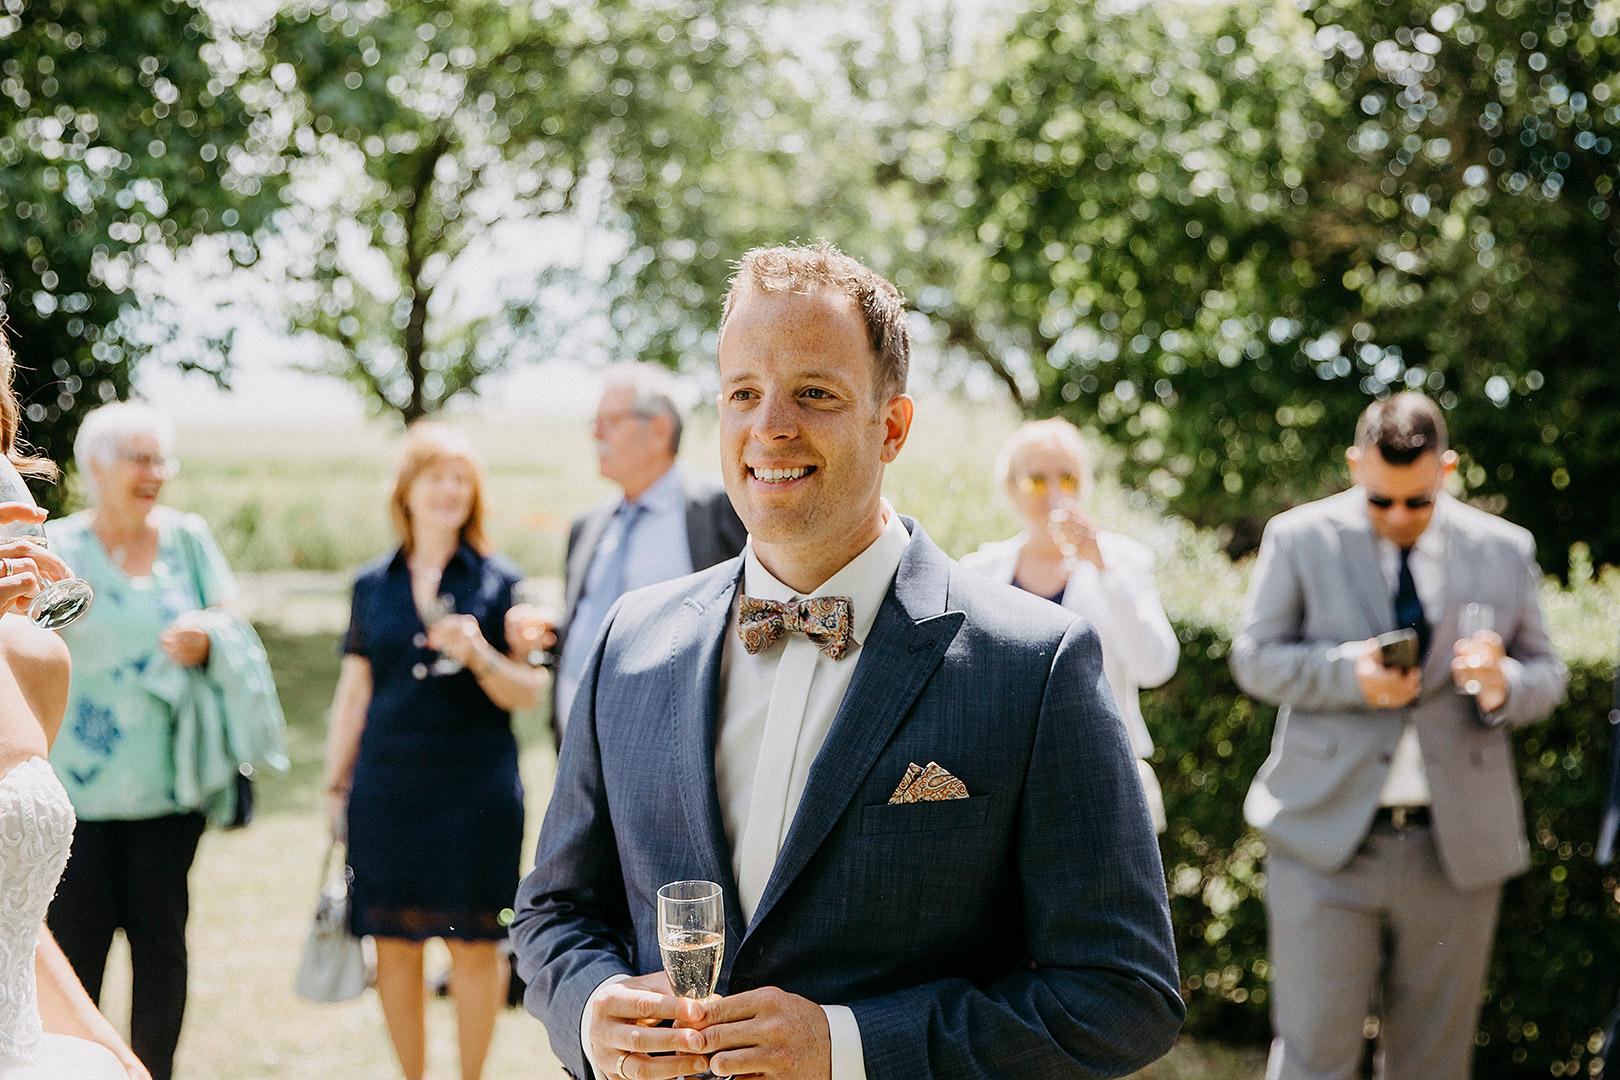 portrait_wedding_svenjaundleo_31